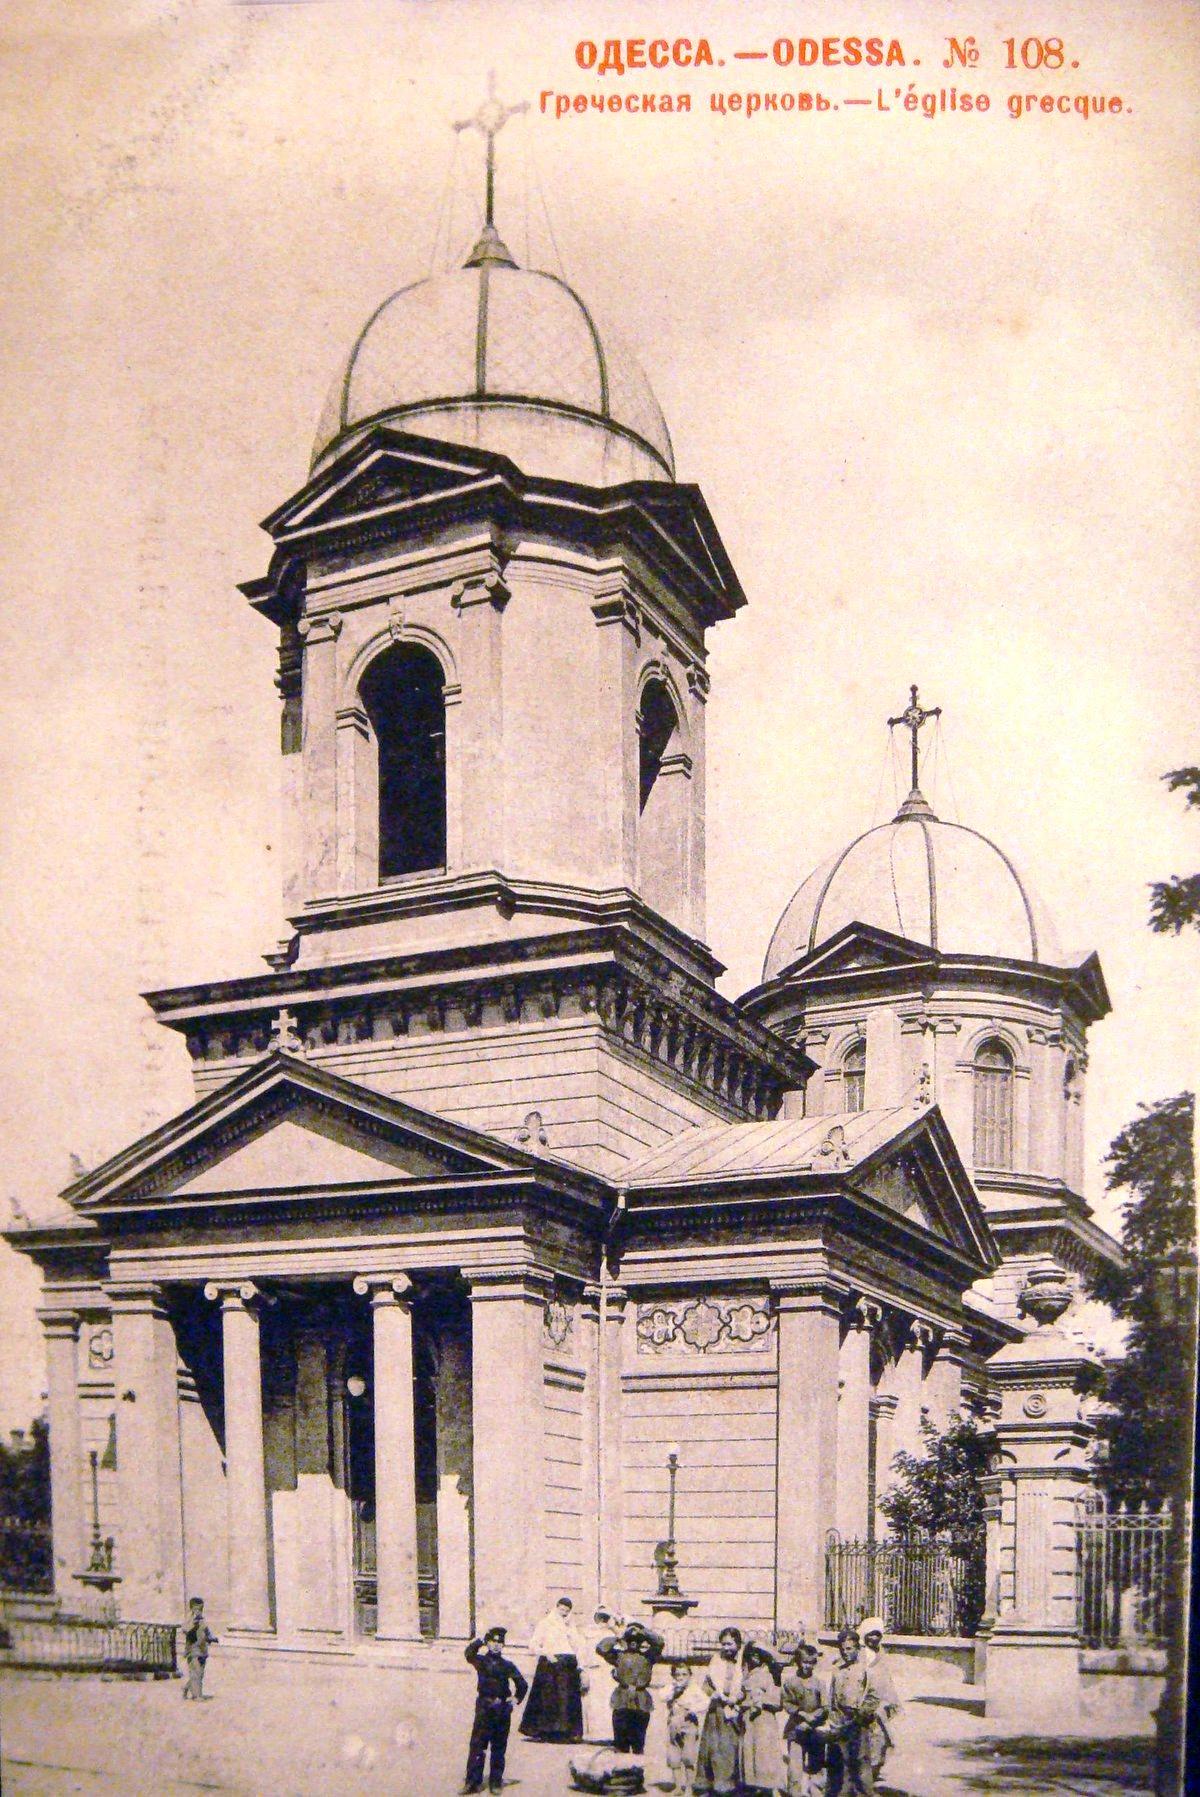 Одесса. Греческая Троицкая церковь. Здесь в церковной ограде был погребен протоиерей Антоний Аргириди